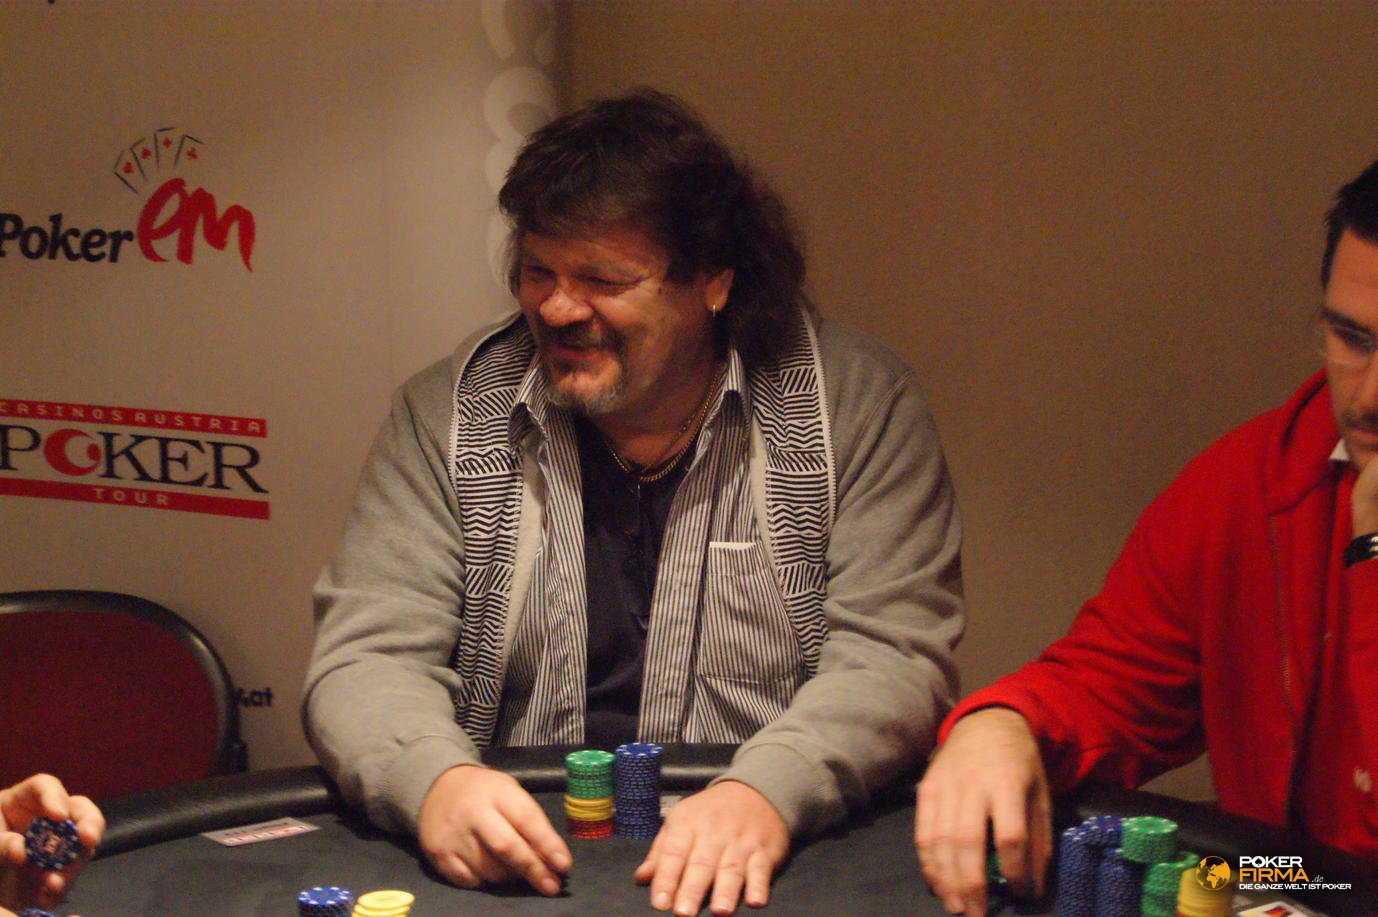 Poker_EM_300_NLH_011111_Johann_Sperrer